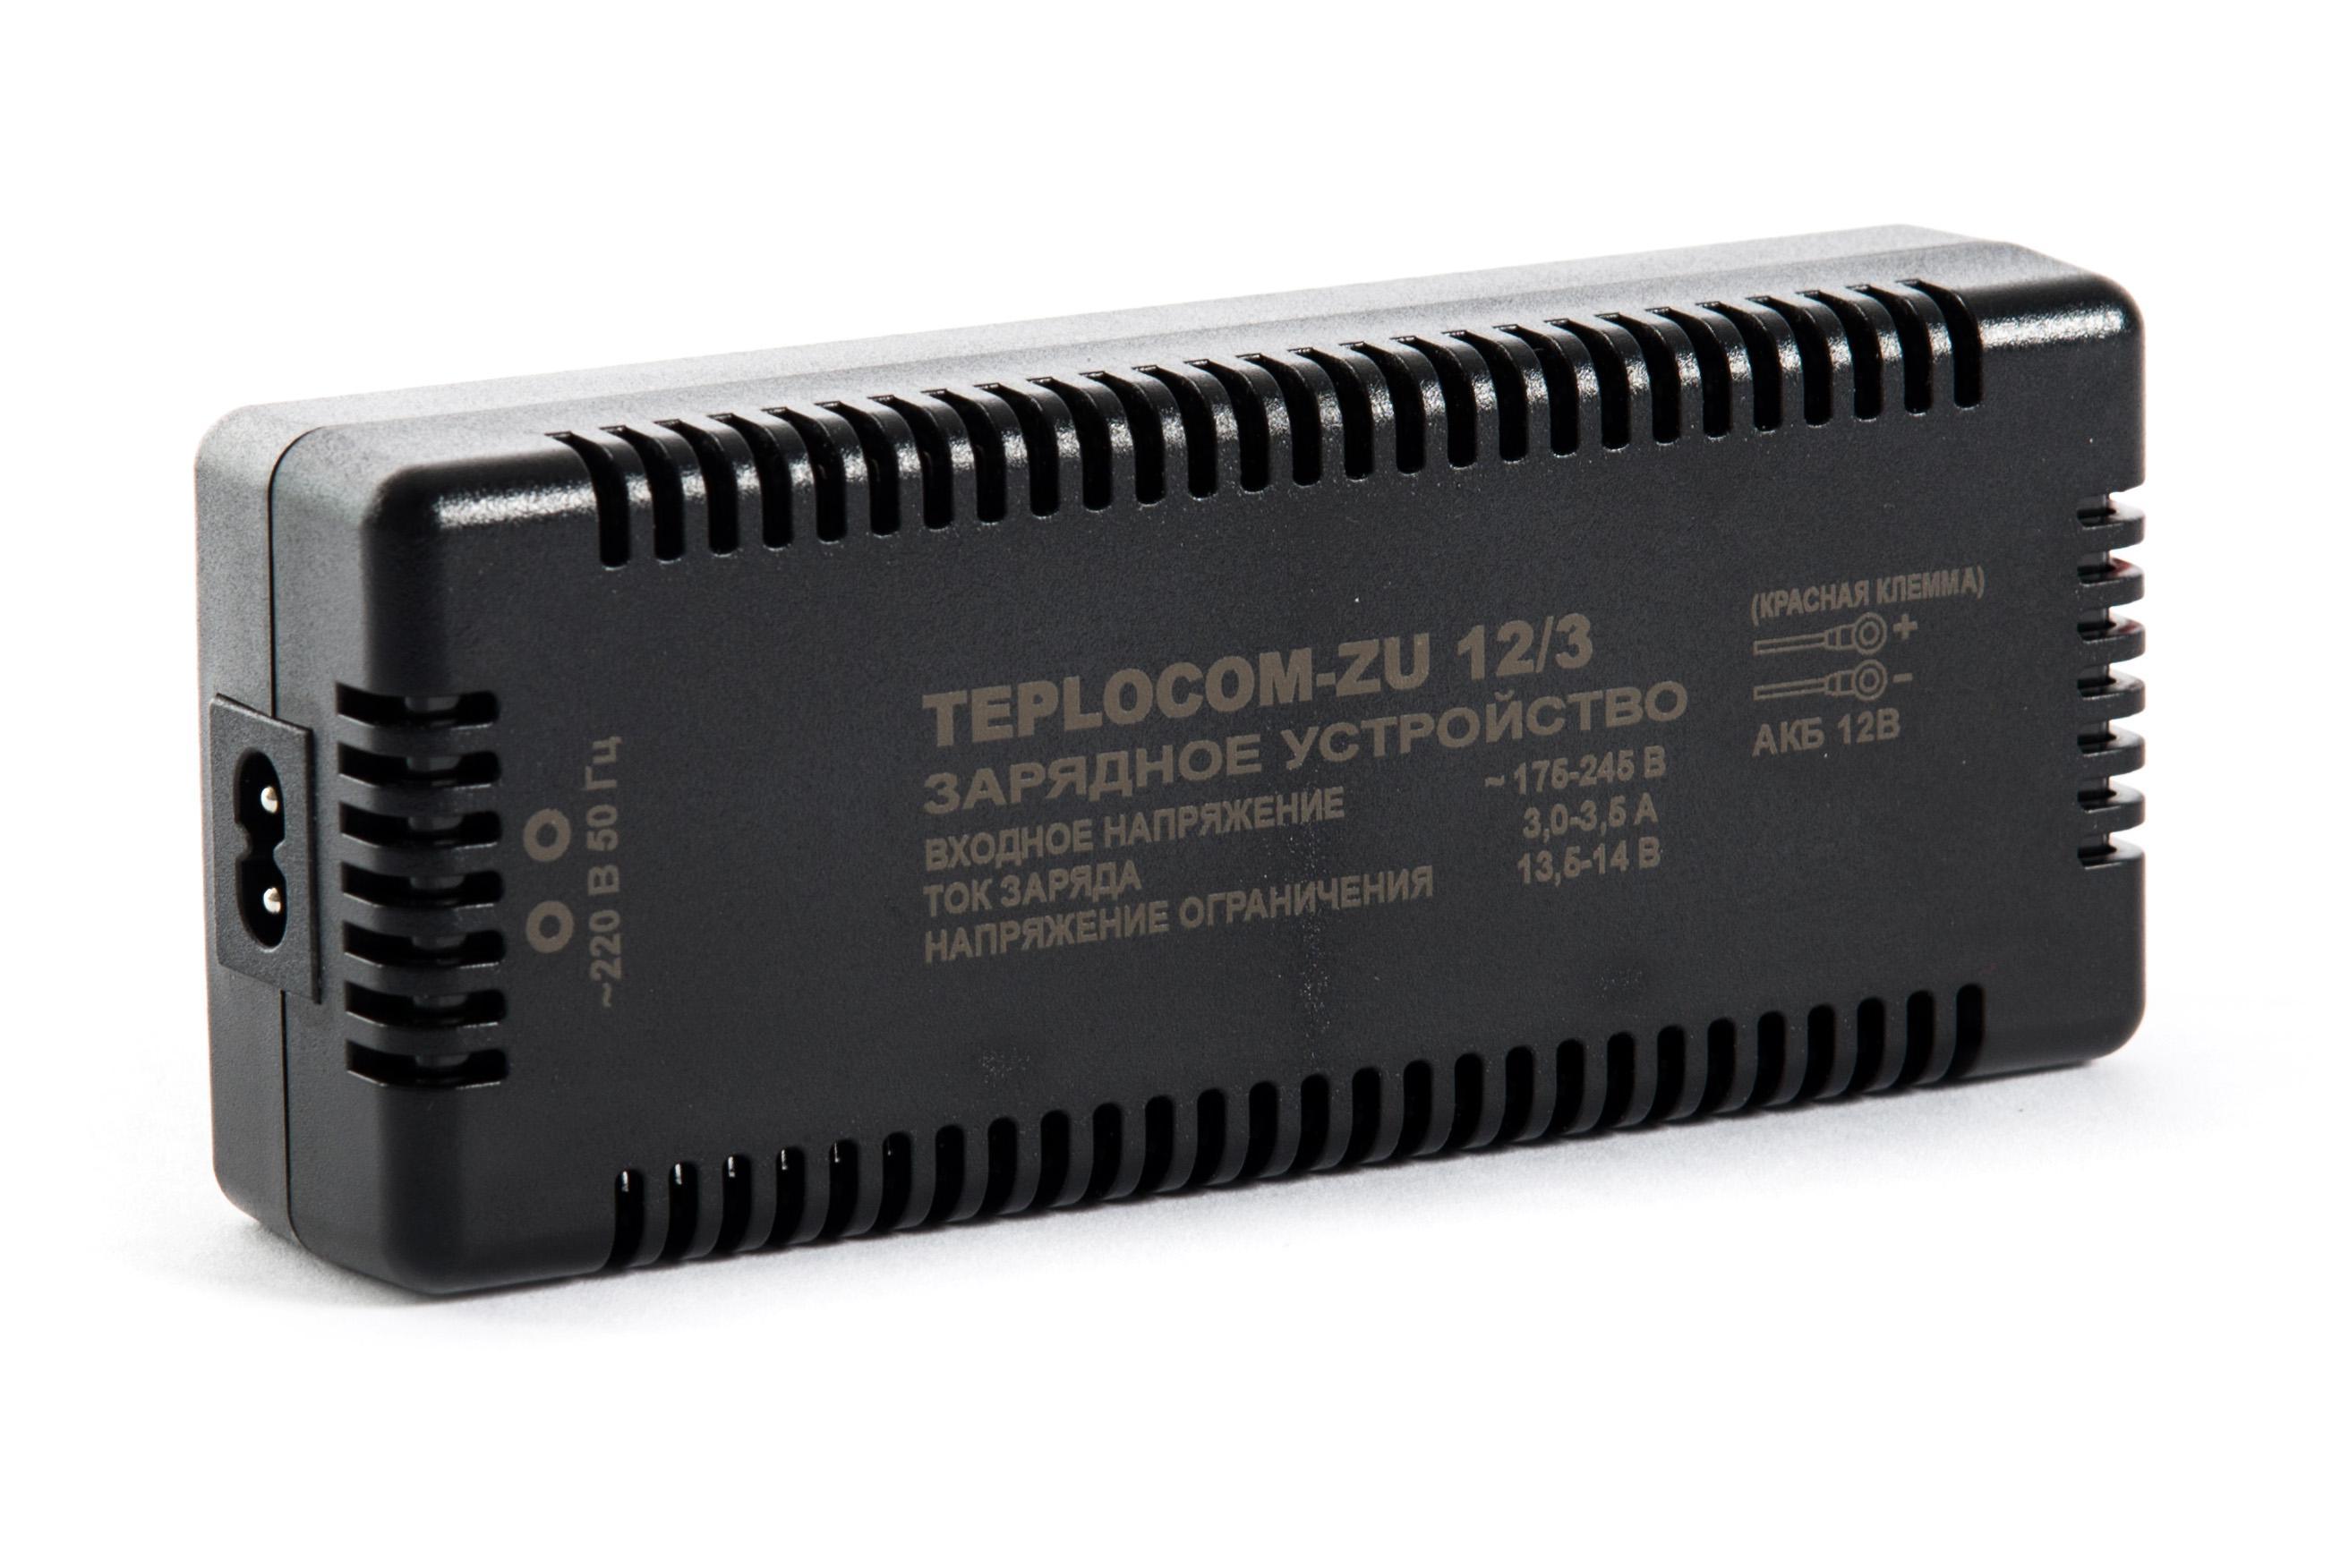 Купить Зарядное устройство Teplocom Zu 12/3